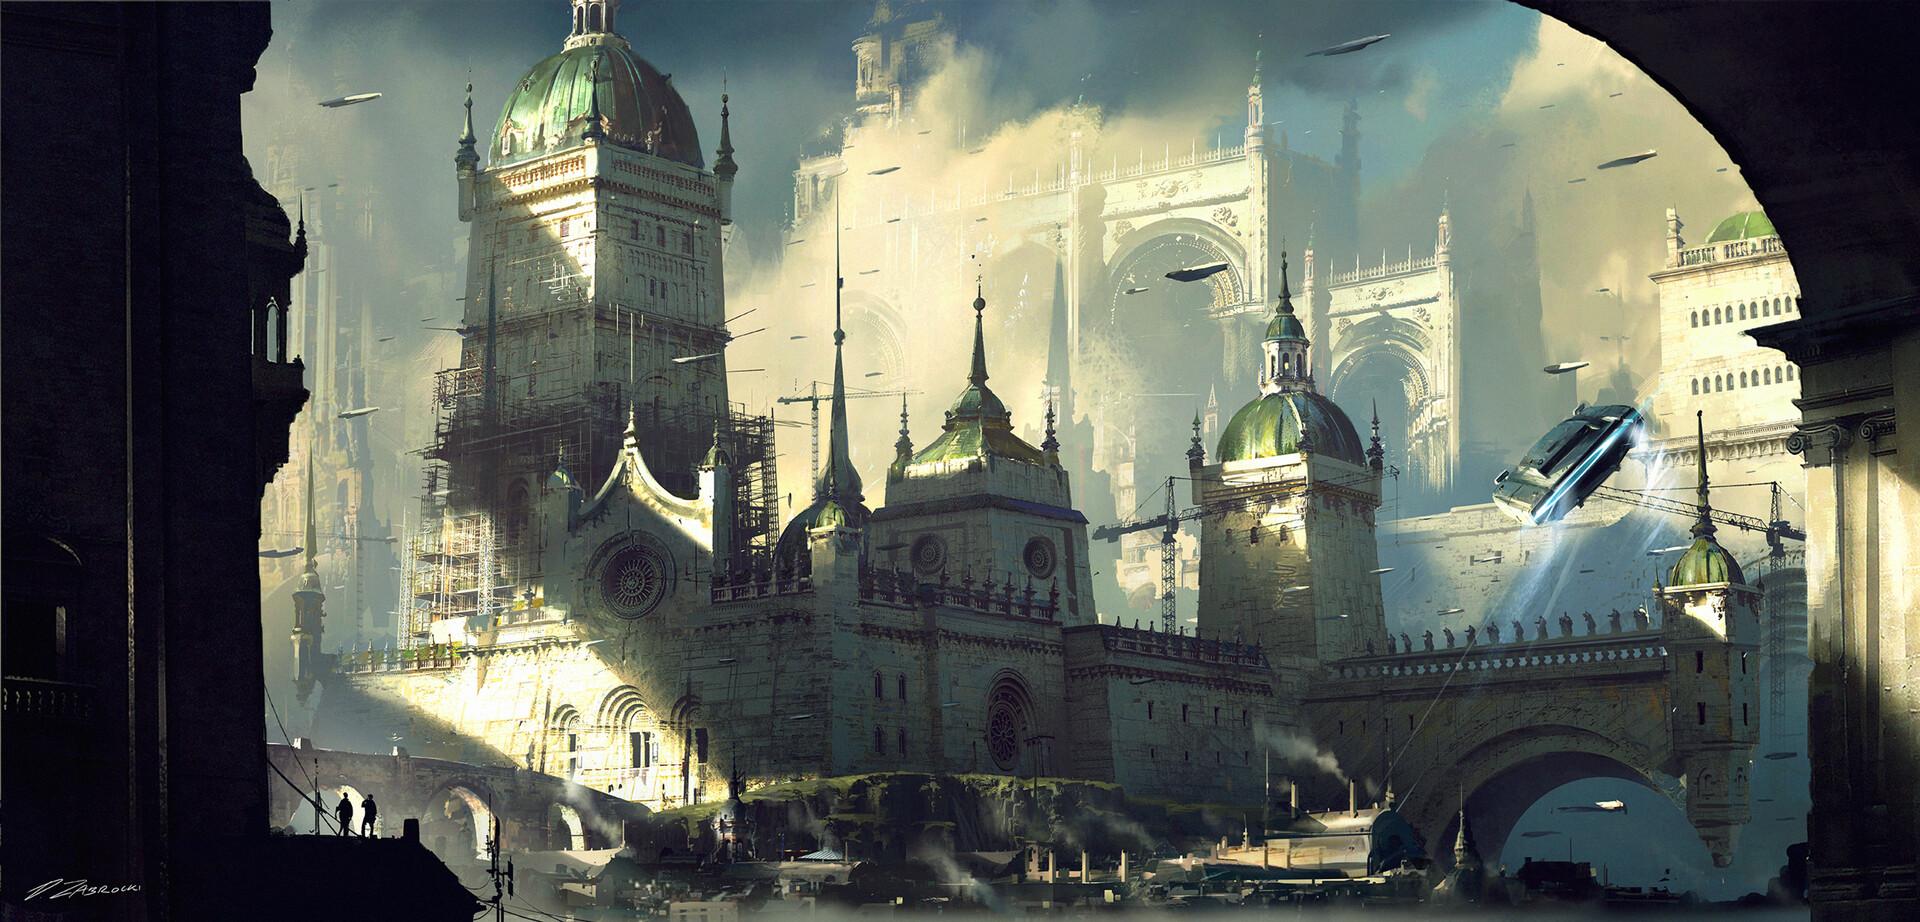 Future Past_DarekZabrocki.jpg